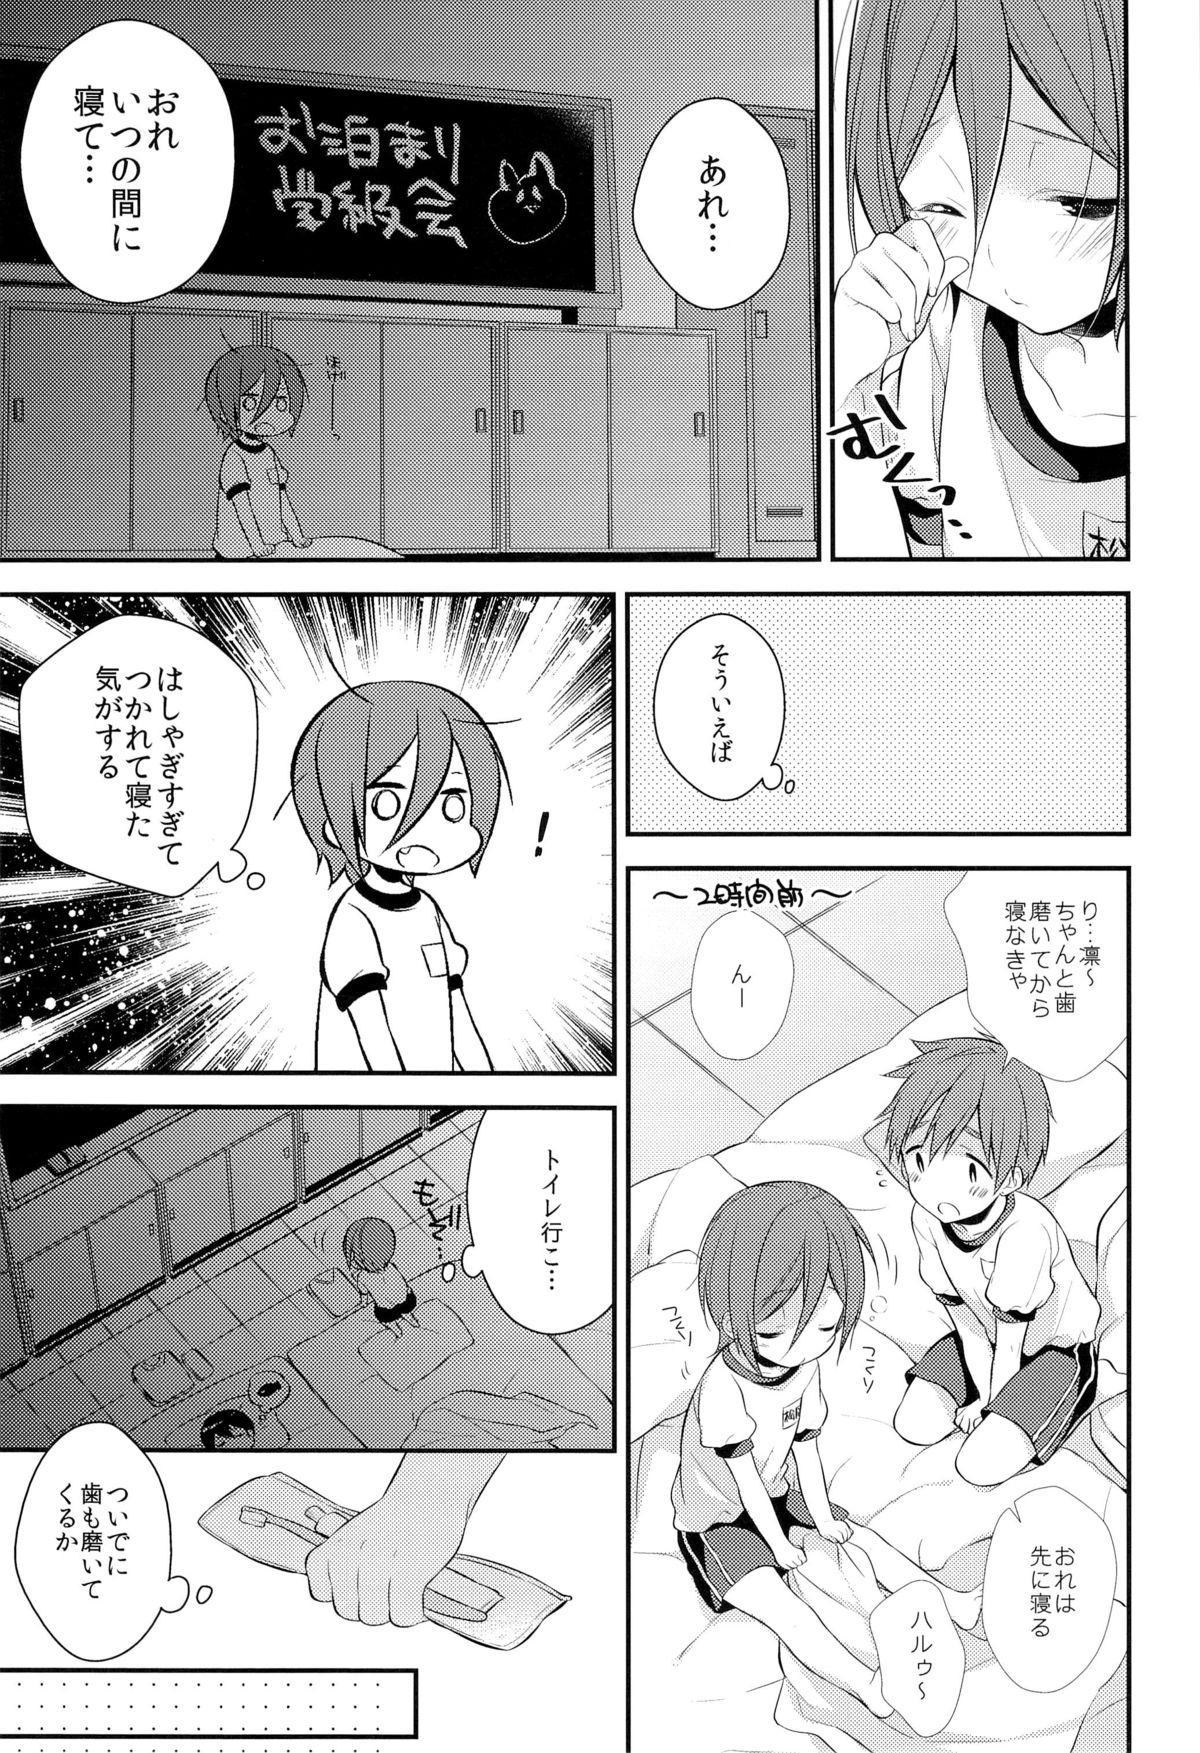 Rin-chan o Goshigoshi Suru Hon 4